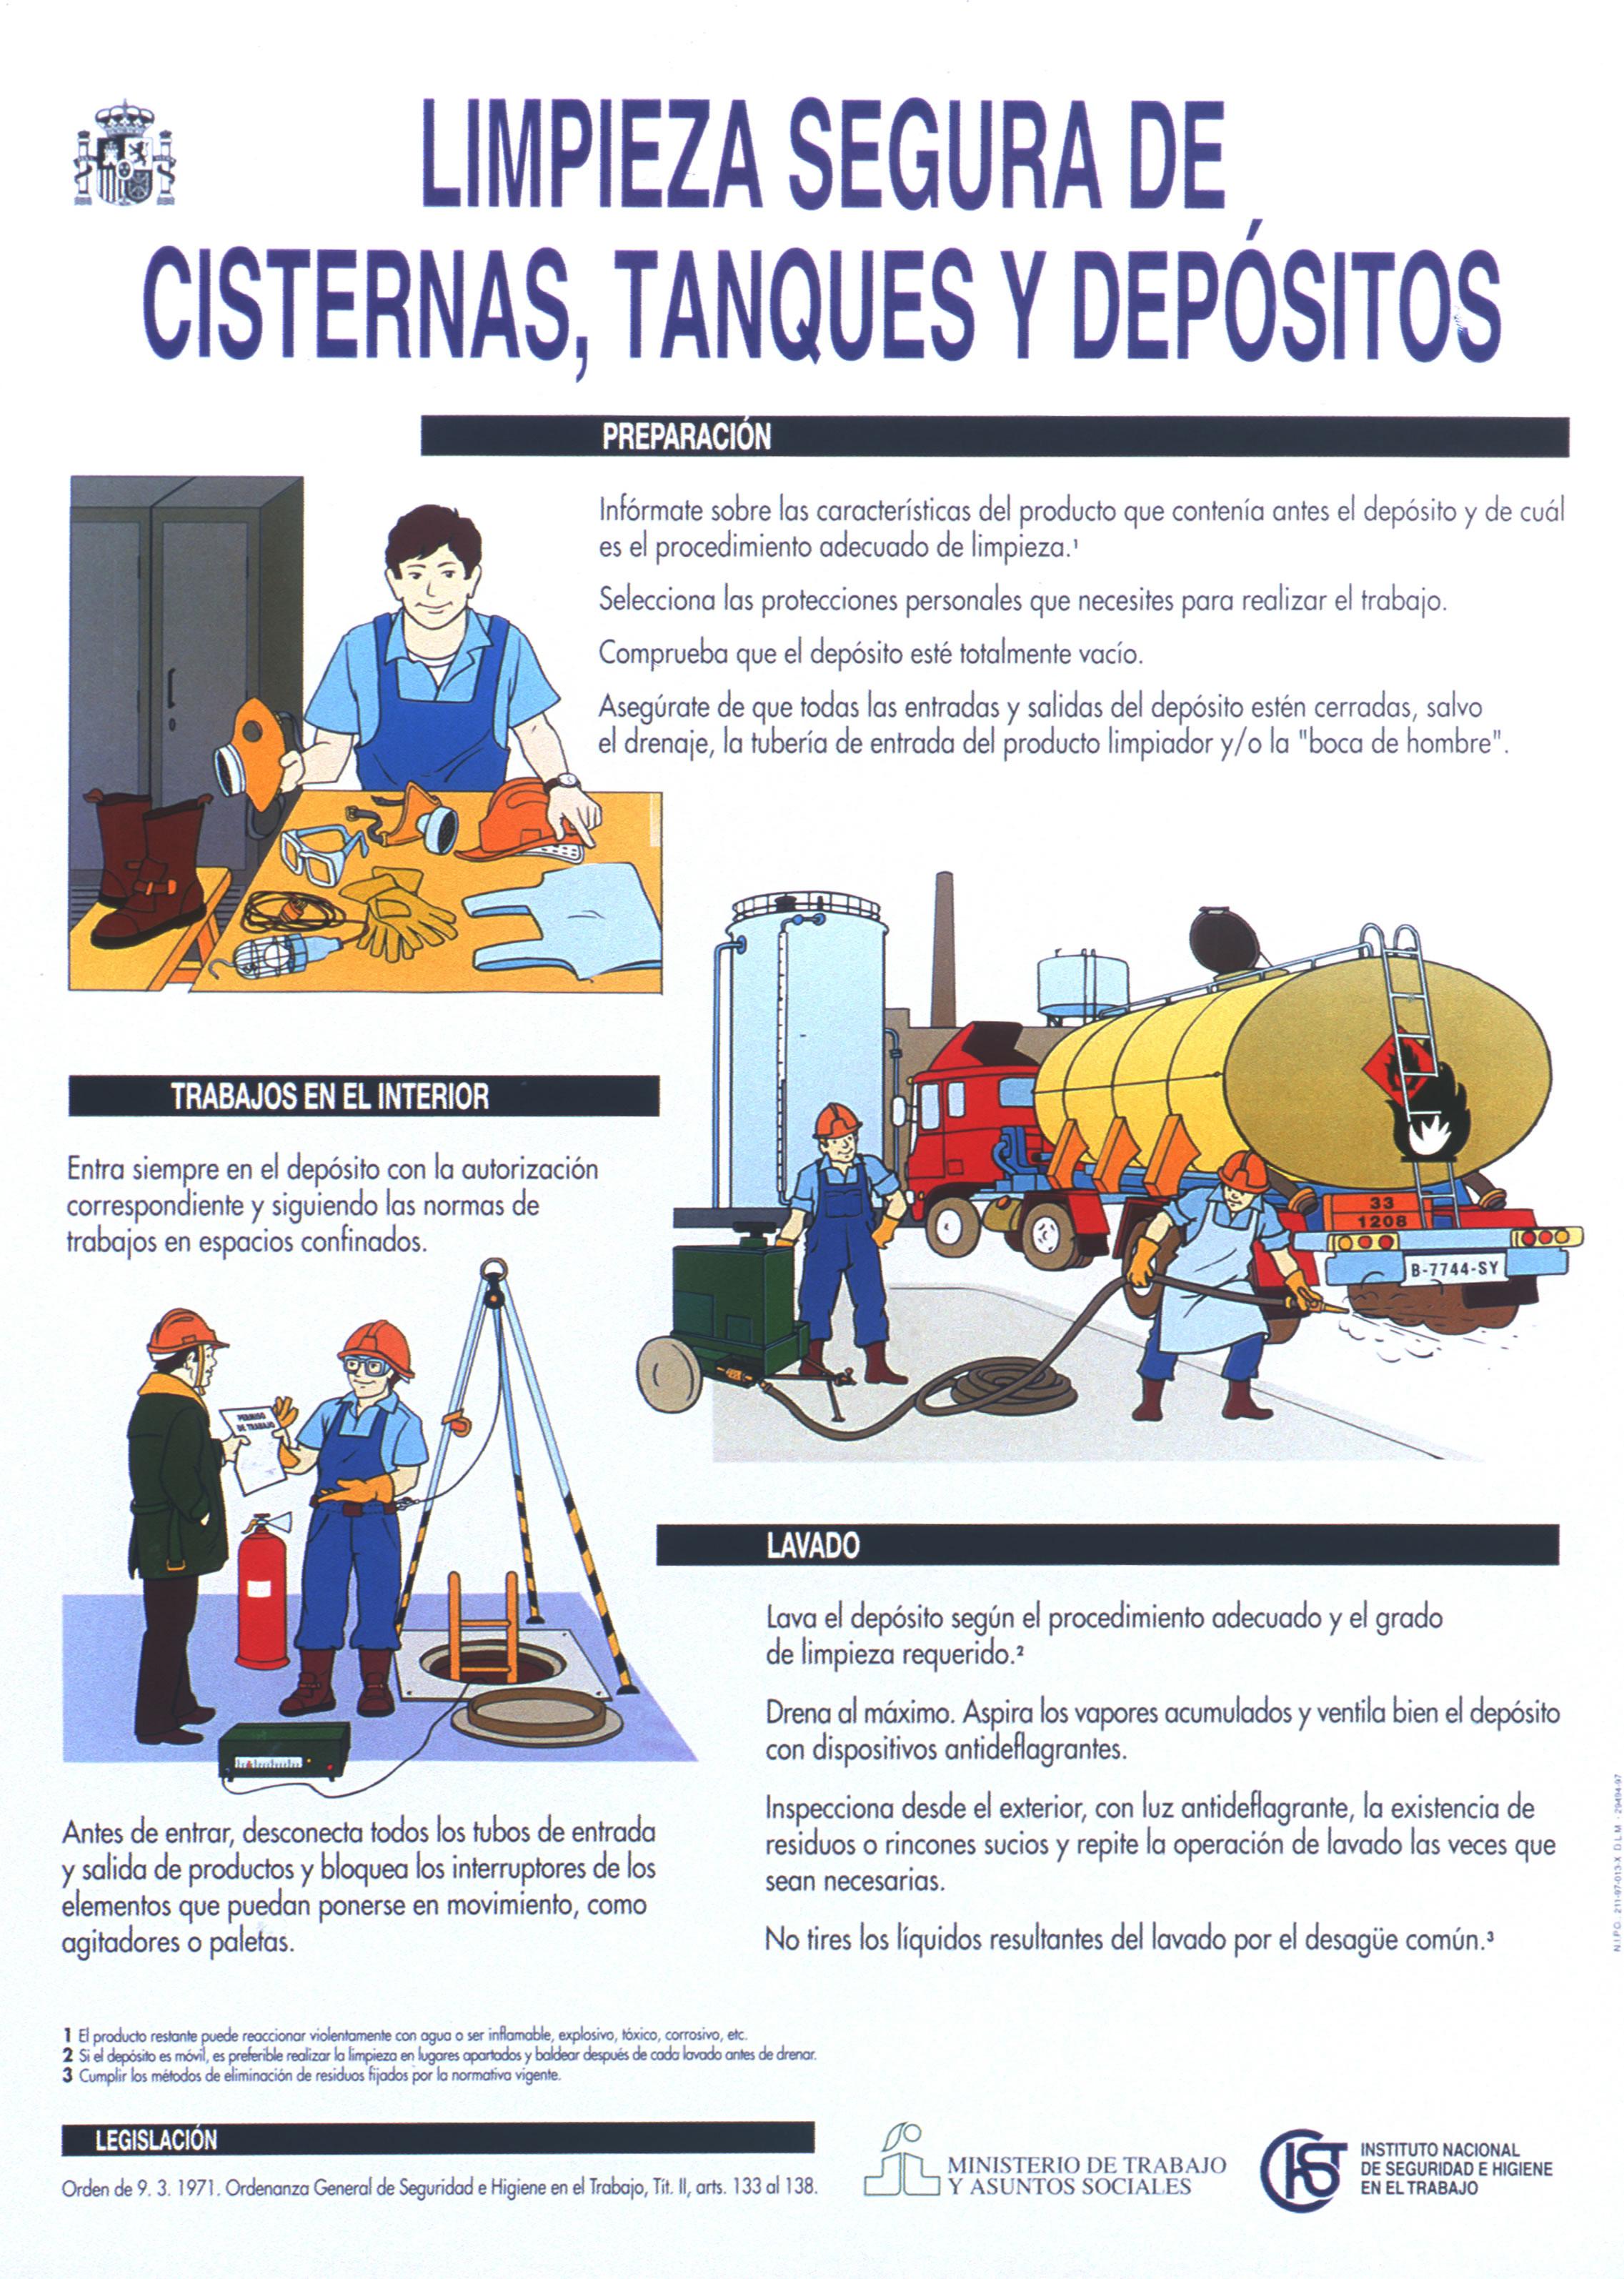 Limpieza segura de cisternas, tanques y depósitos. Cartel - Año 2000